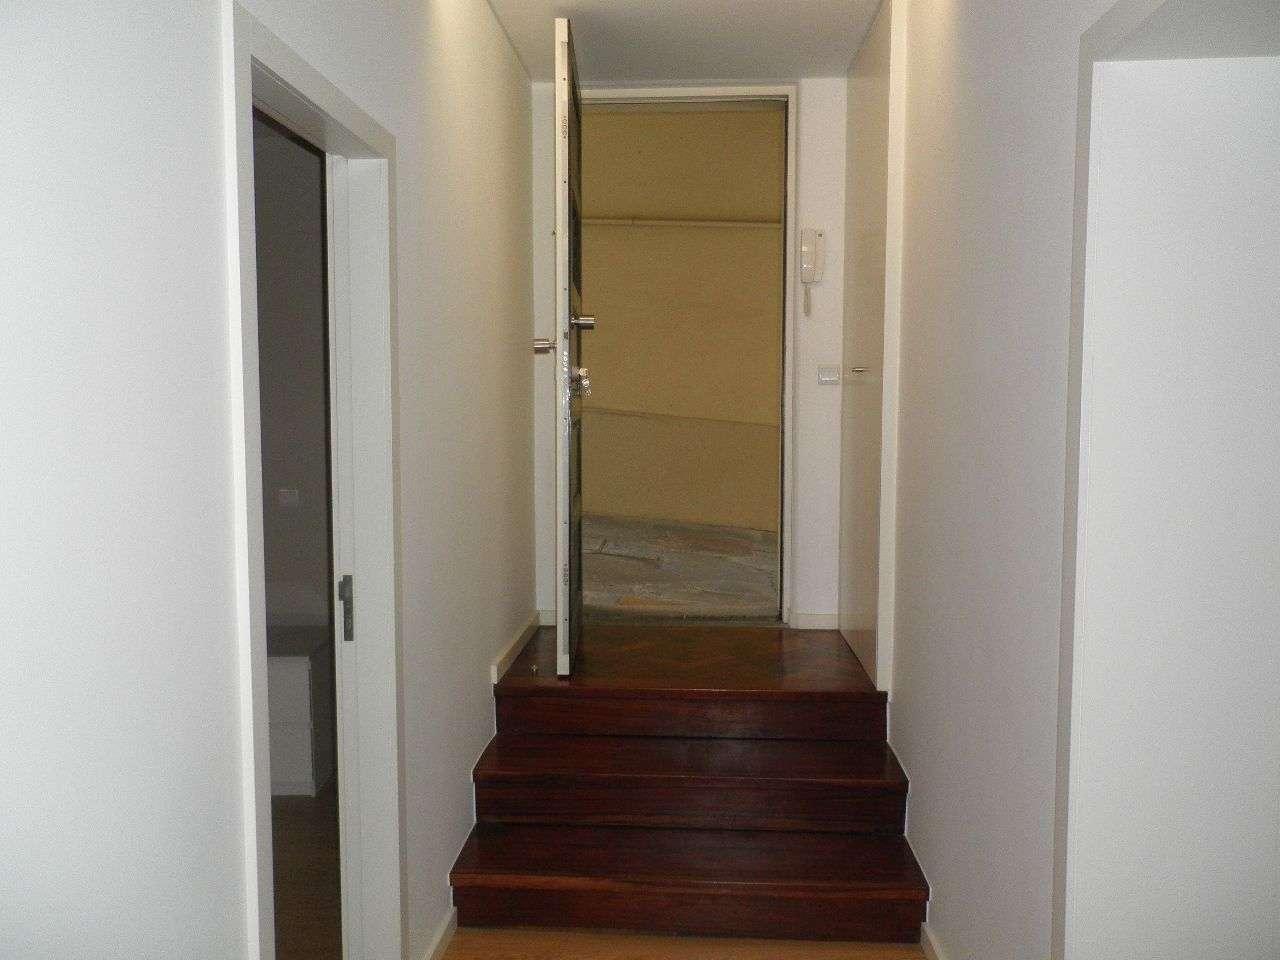 Apartamento para arrendar, Cedofeita, Santo Ildefonso, Sé, Miragaia, São Nicolau e Vitória, Porto - Foto 7